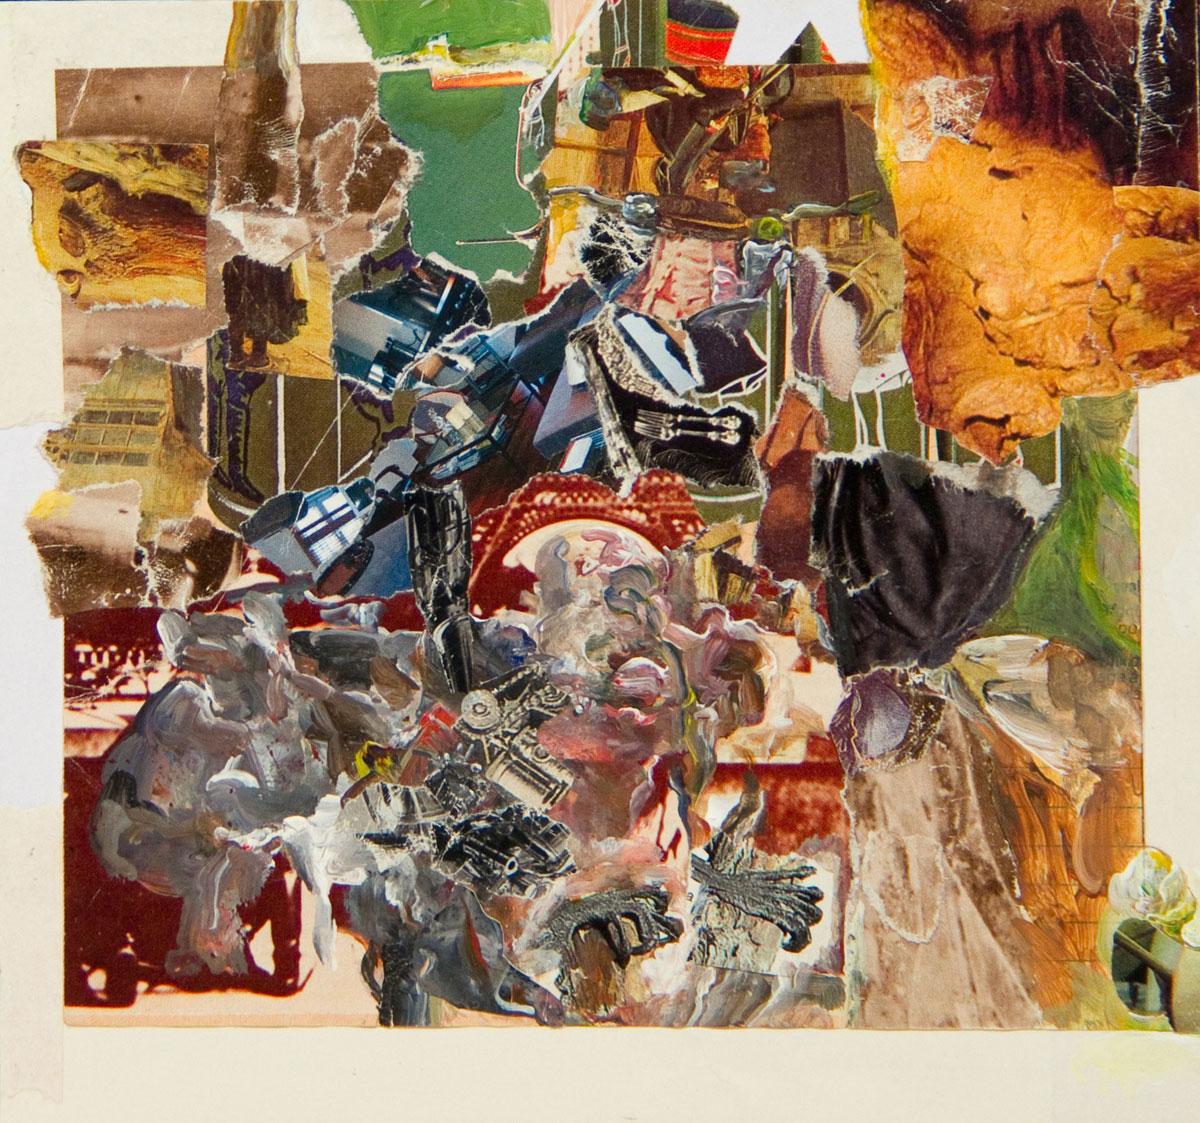 Philippe Briard - Les Pratiques aléatoires, 2011, collage acrylique, 14,5 x 16 cm